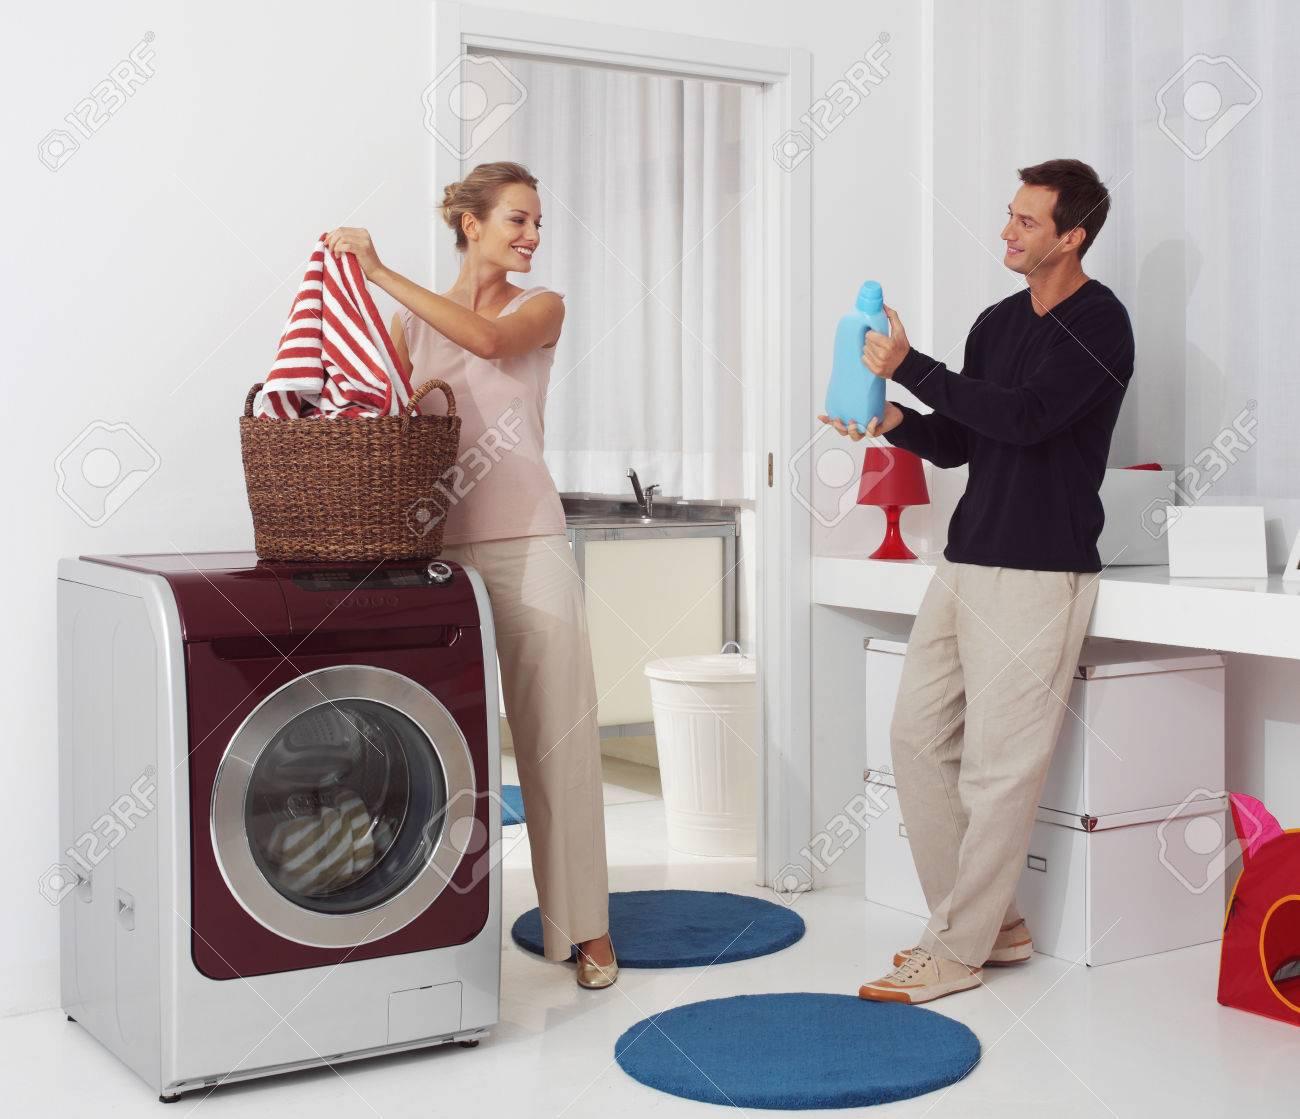 Différence entre les générations  - Page 2 27916260-femme-souriante-avec-l-homme-dooing-buanderie-avec-machine-laver-Banque-d'images